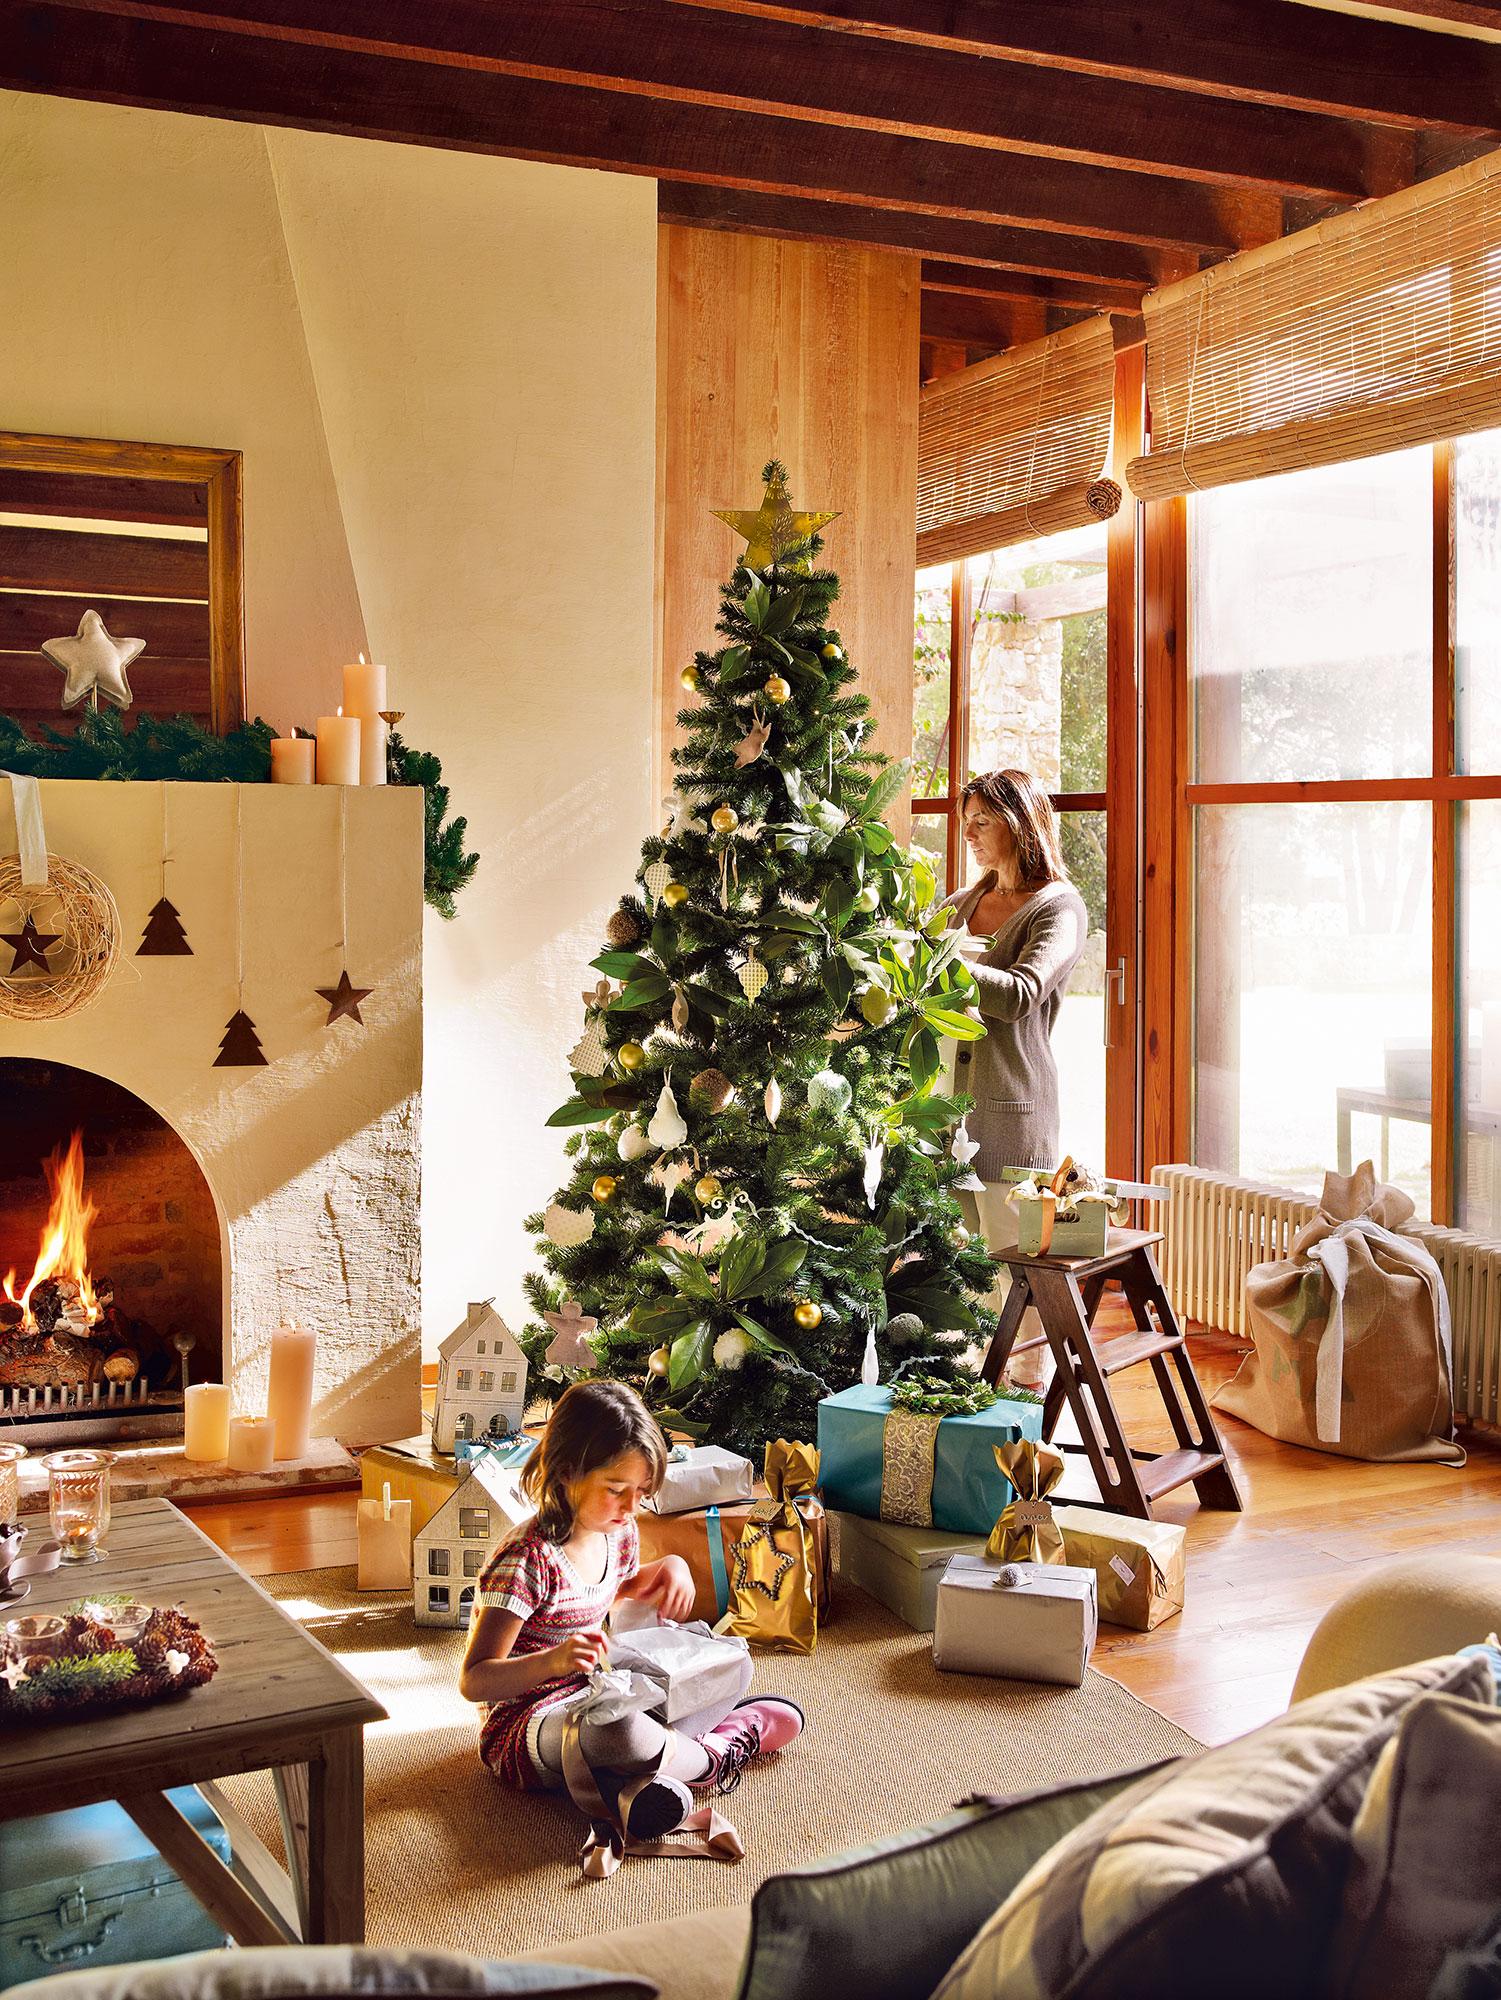 Salón decorado con árbol de Navidad con niña y mujer